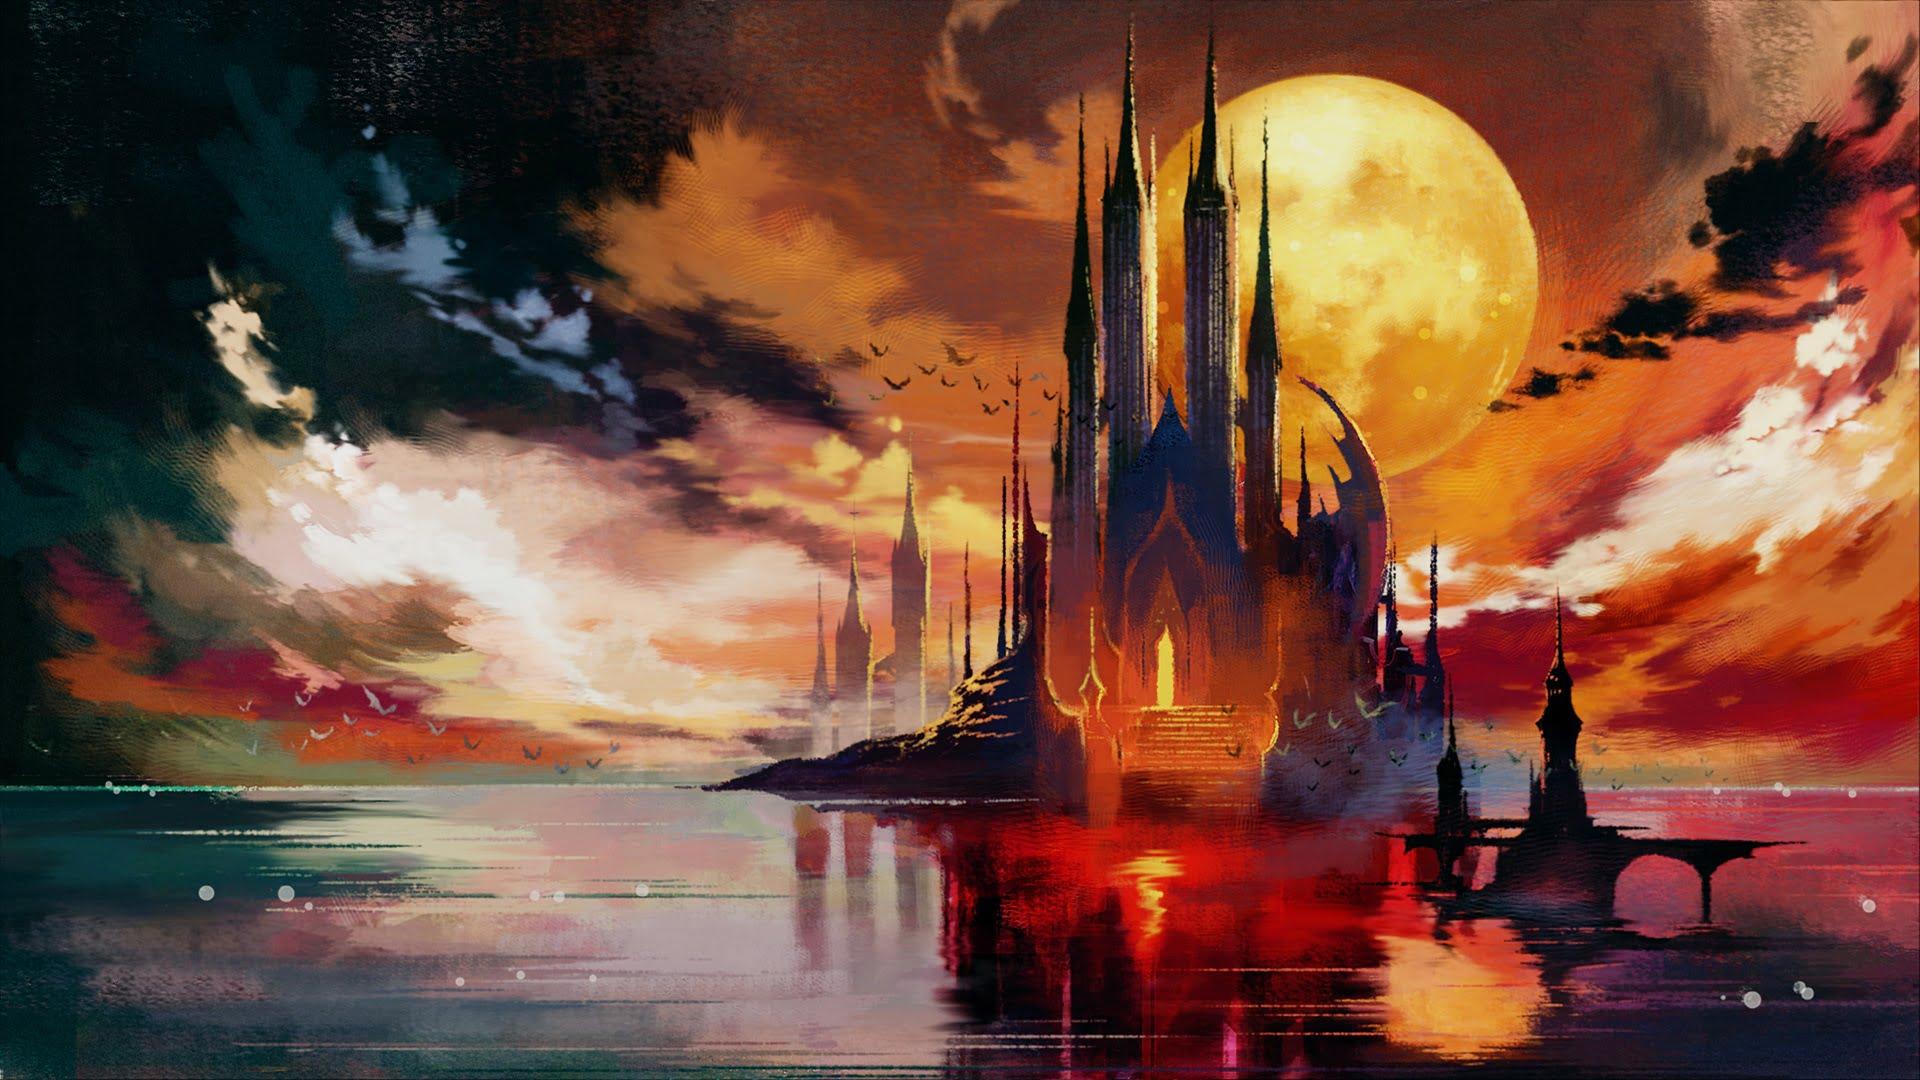 بازی Bloodstained: Ritual of the Night   پیکسل آرتس